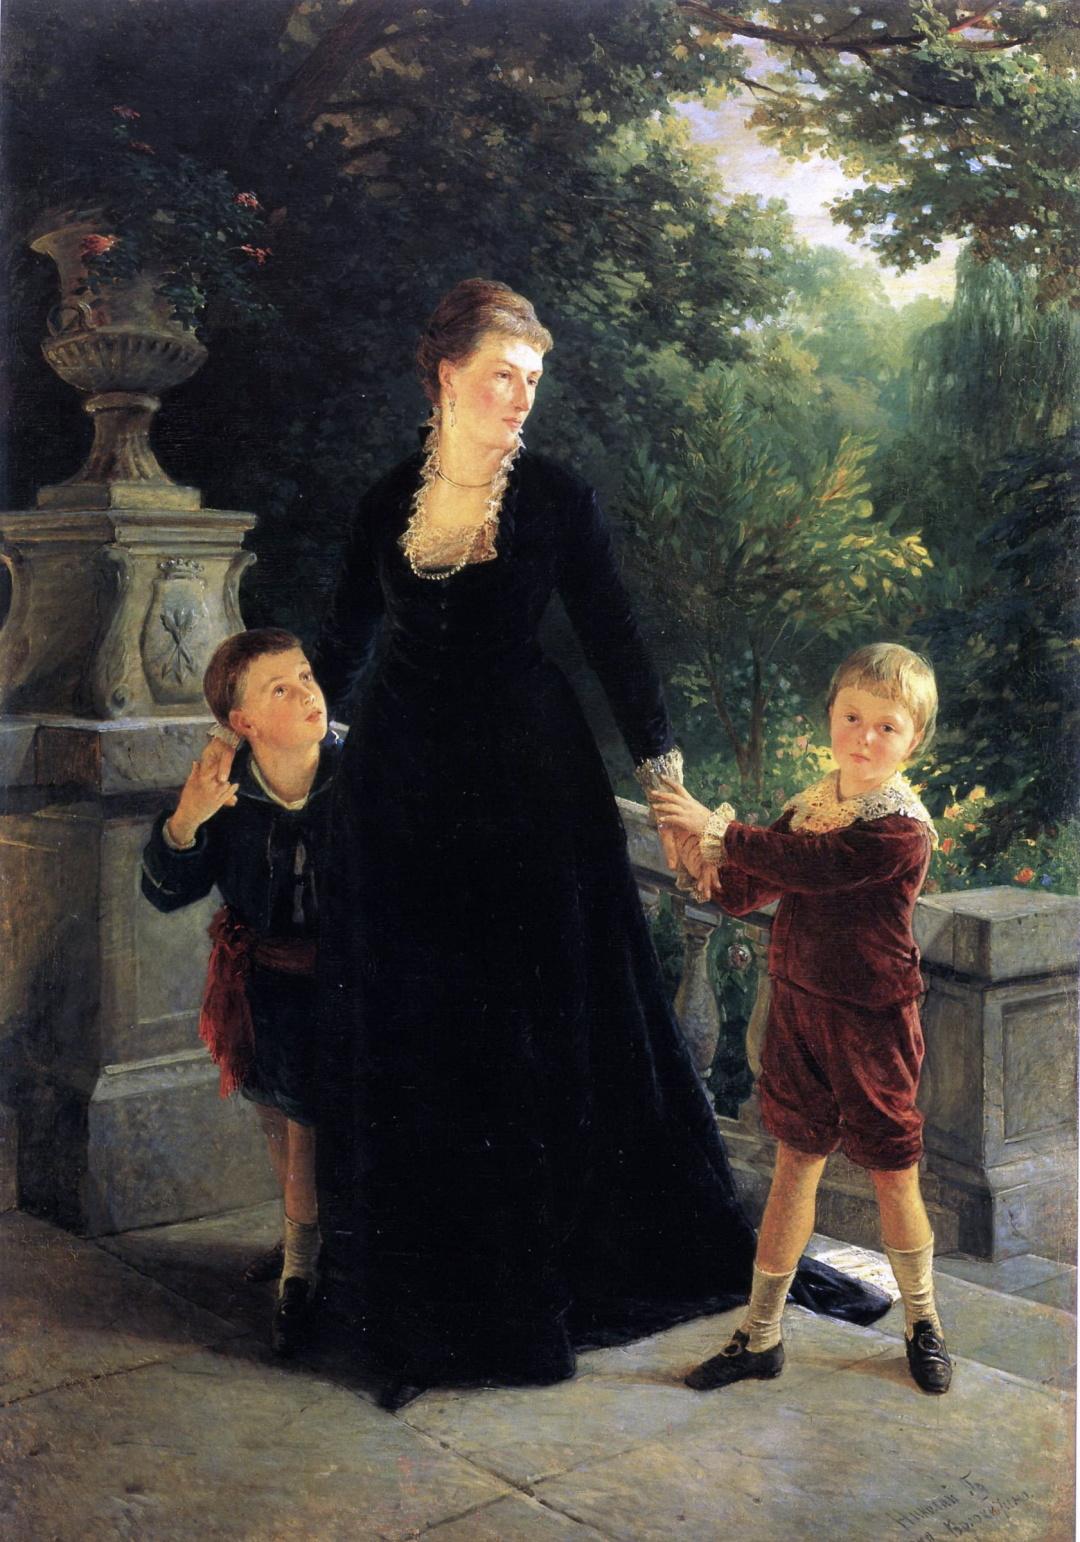 4-мати Марія Андріївна Скоропадська із синами - Павлом та Михайлом, хужлжник Микола ше, 1879 р.